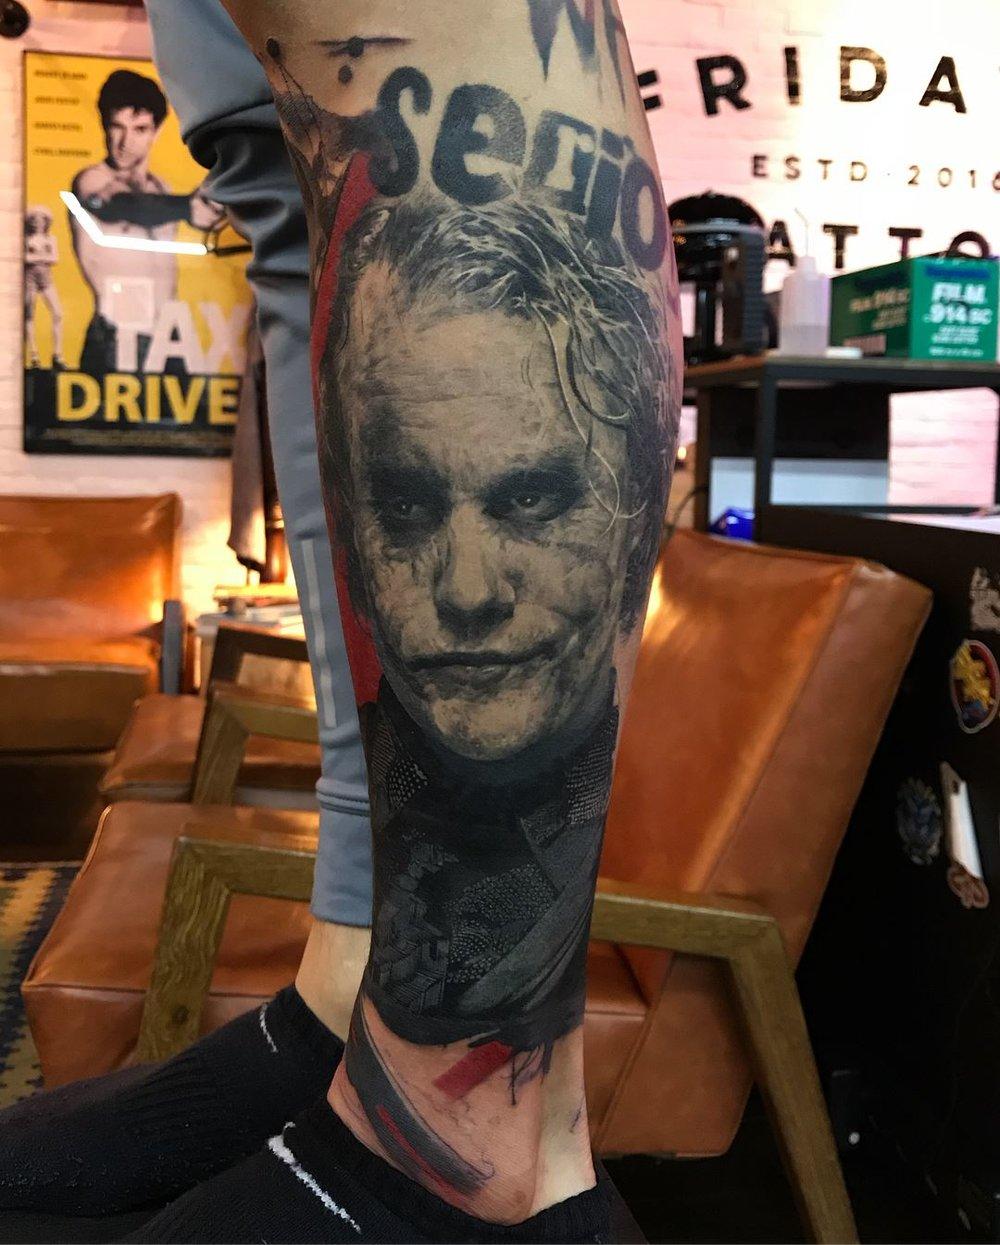 2018-fridays-tattoo-hong-kong-jamie-graphic-dark-night-cover-up-2.jpg